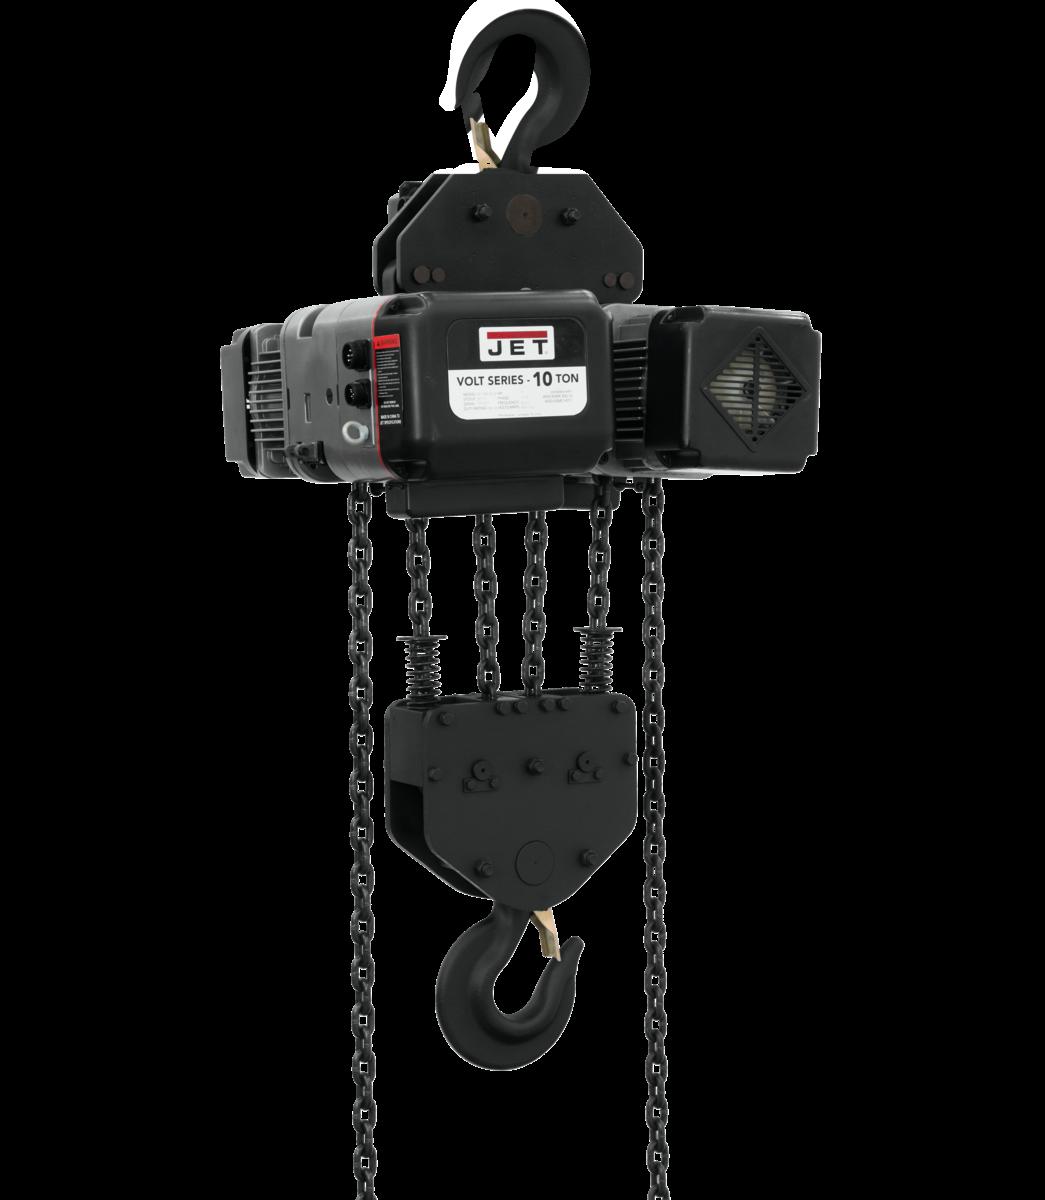 VOLT 10T VARIABLE-SPEED ELECTRIC HOIST  3PH 230V 25' LIFT